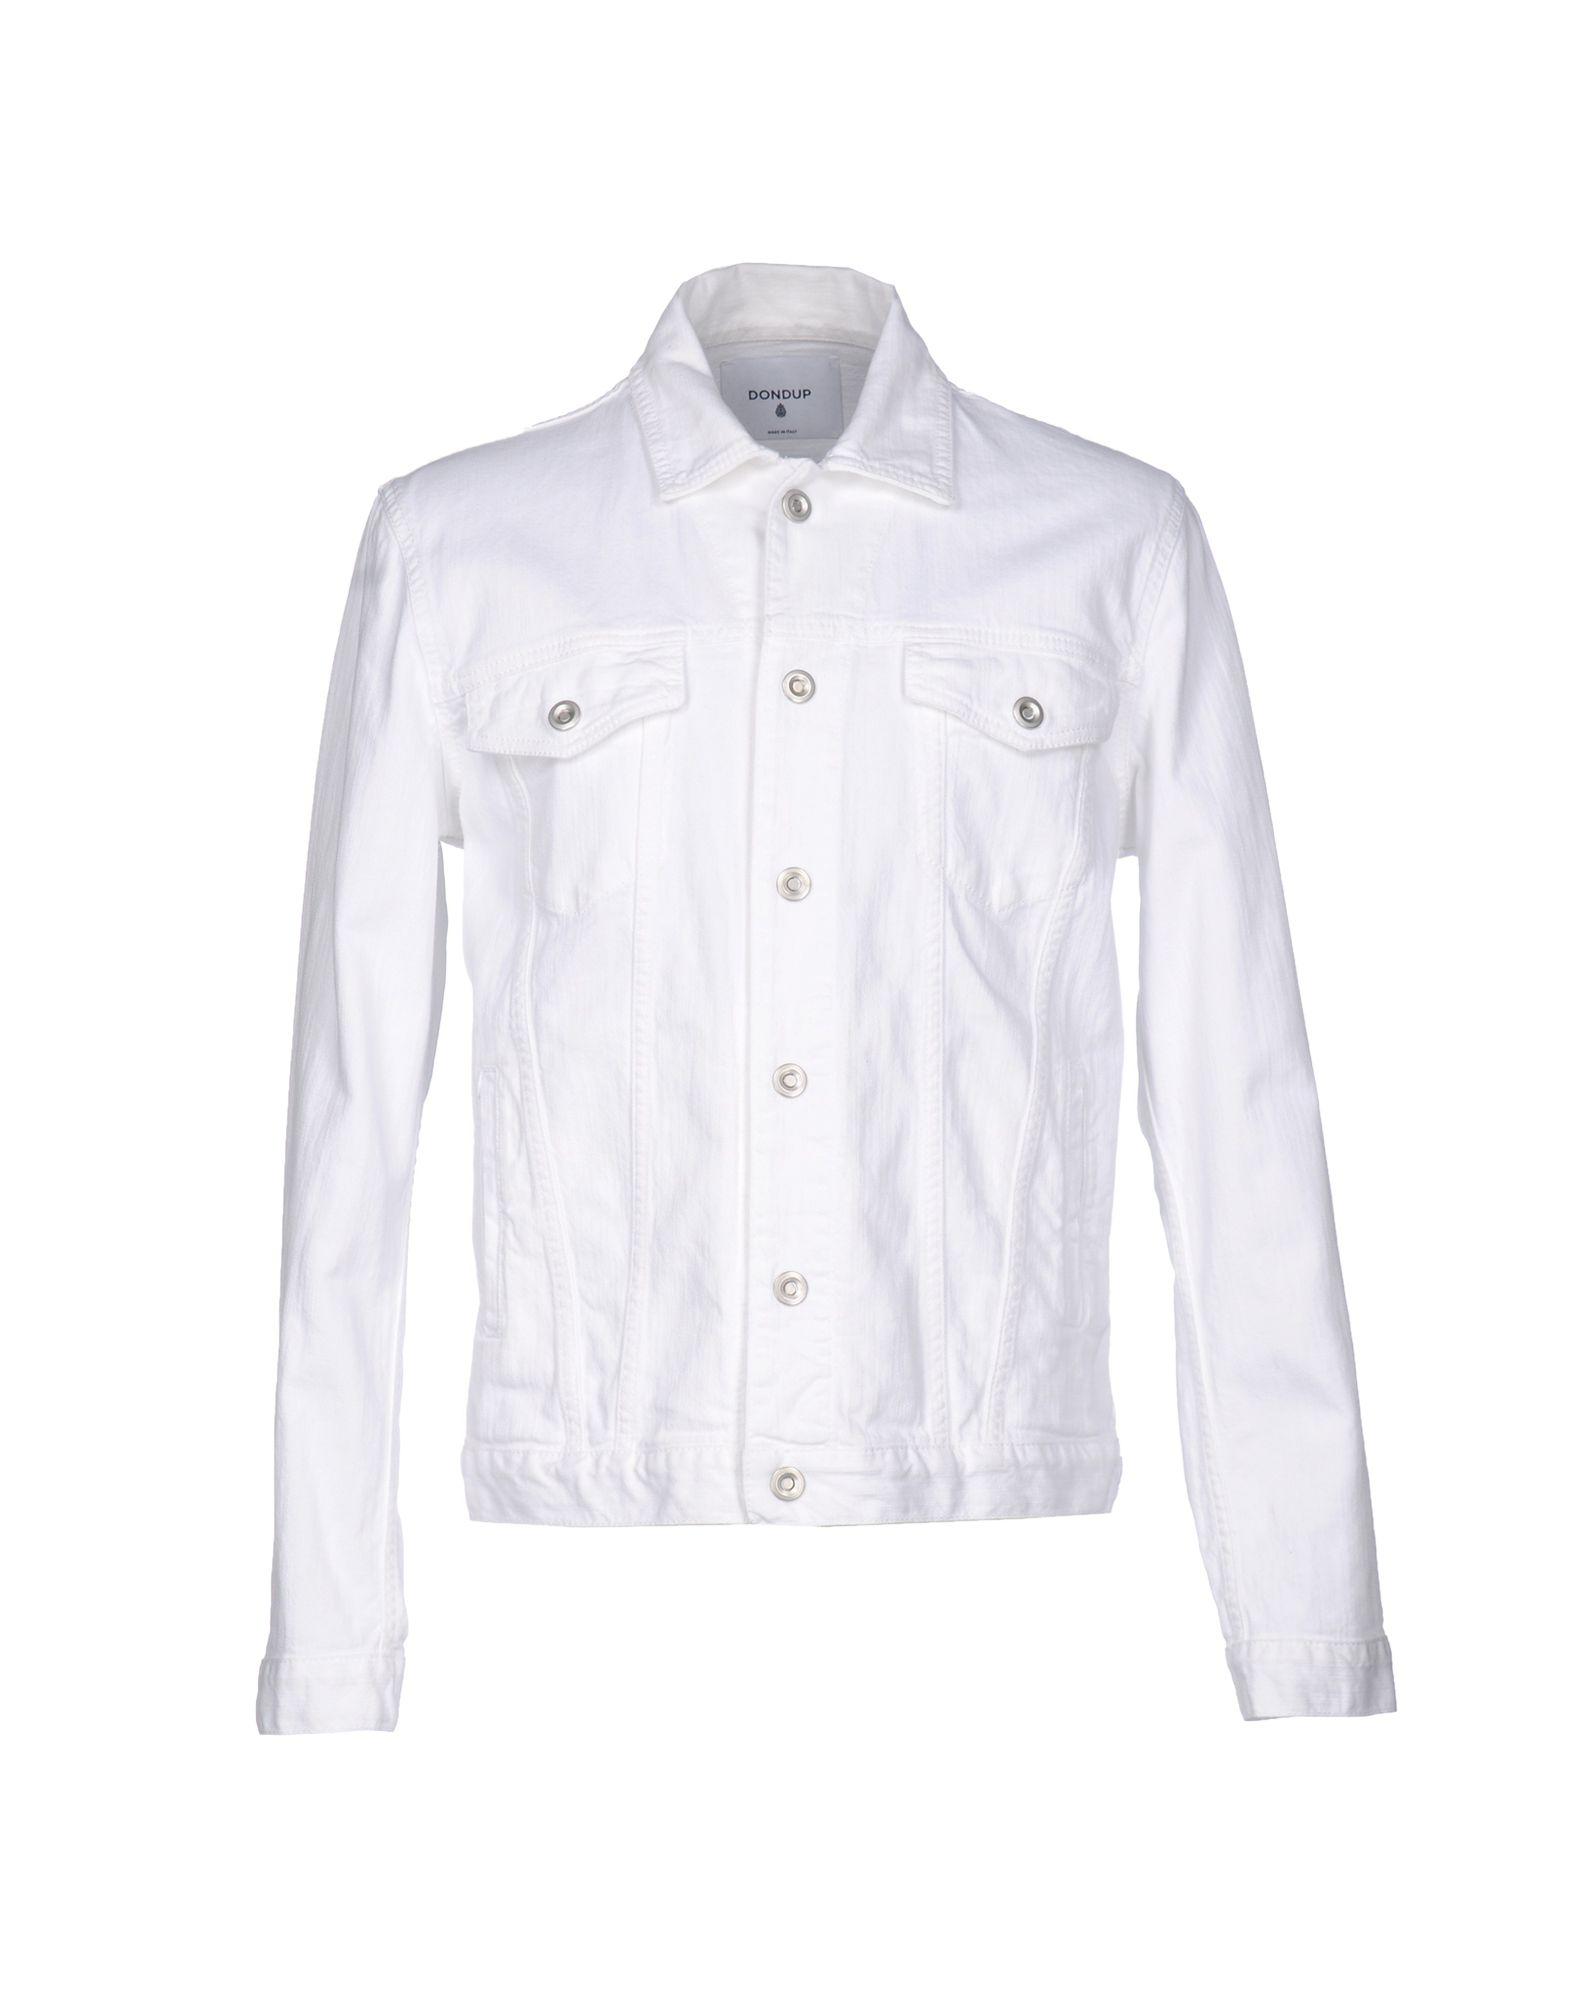 Giubbotto Jeans Dondup Uomo - Acquista online su